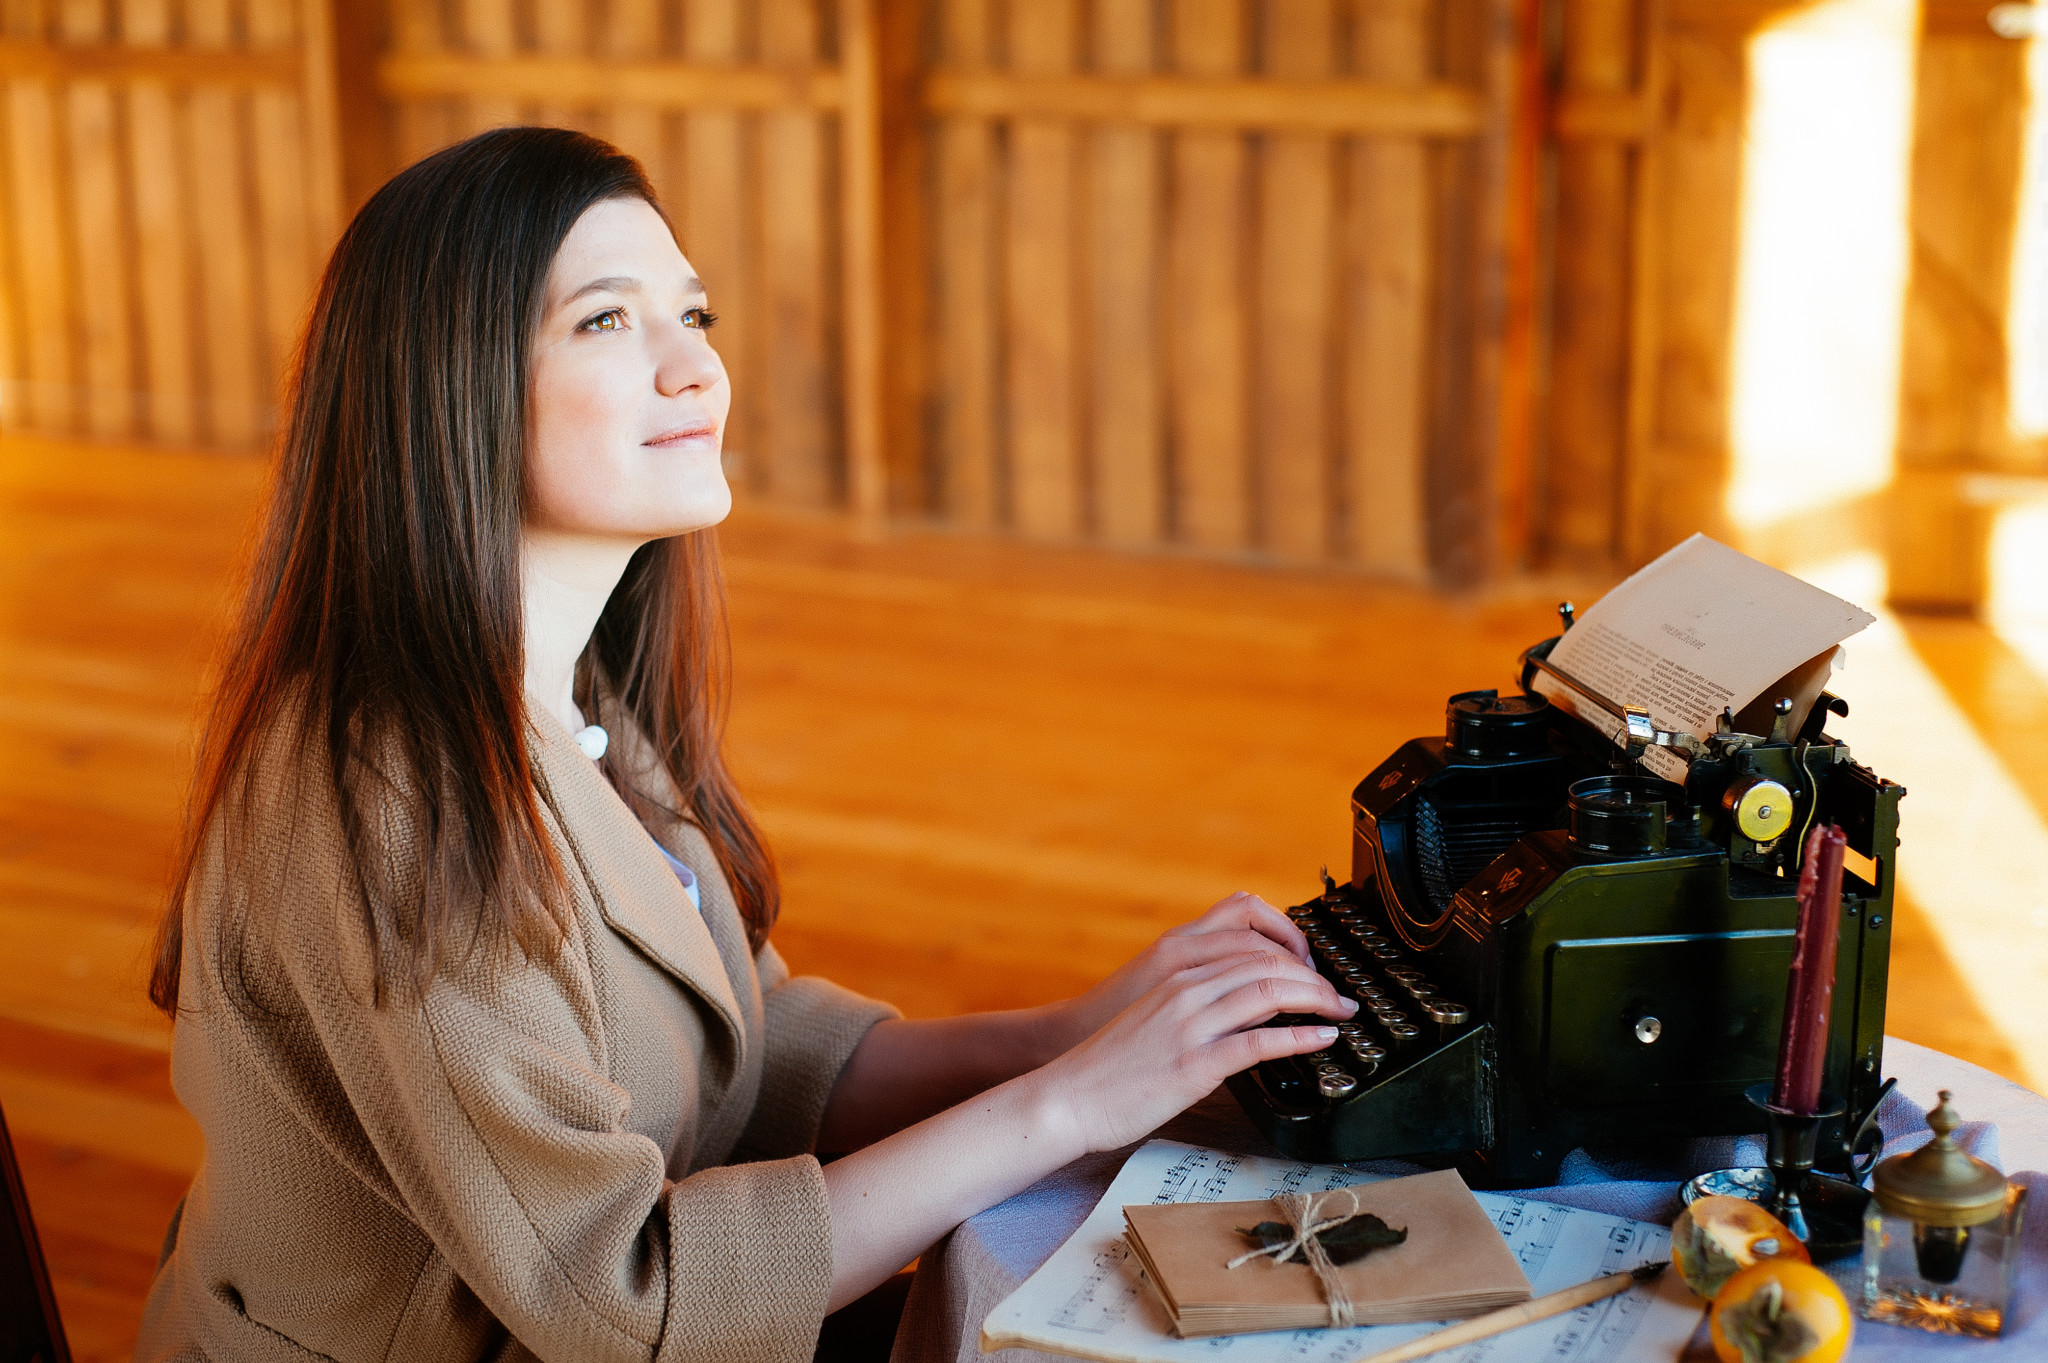 О писательстве. Пост в котором, возможно, слишком много кавычек и прямой речи